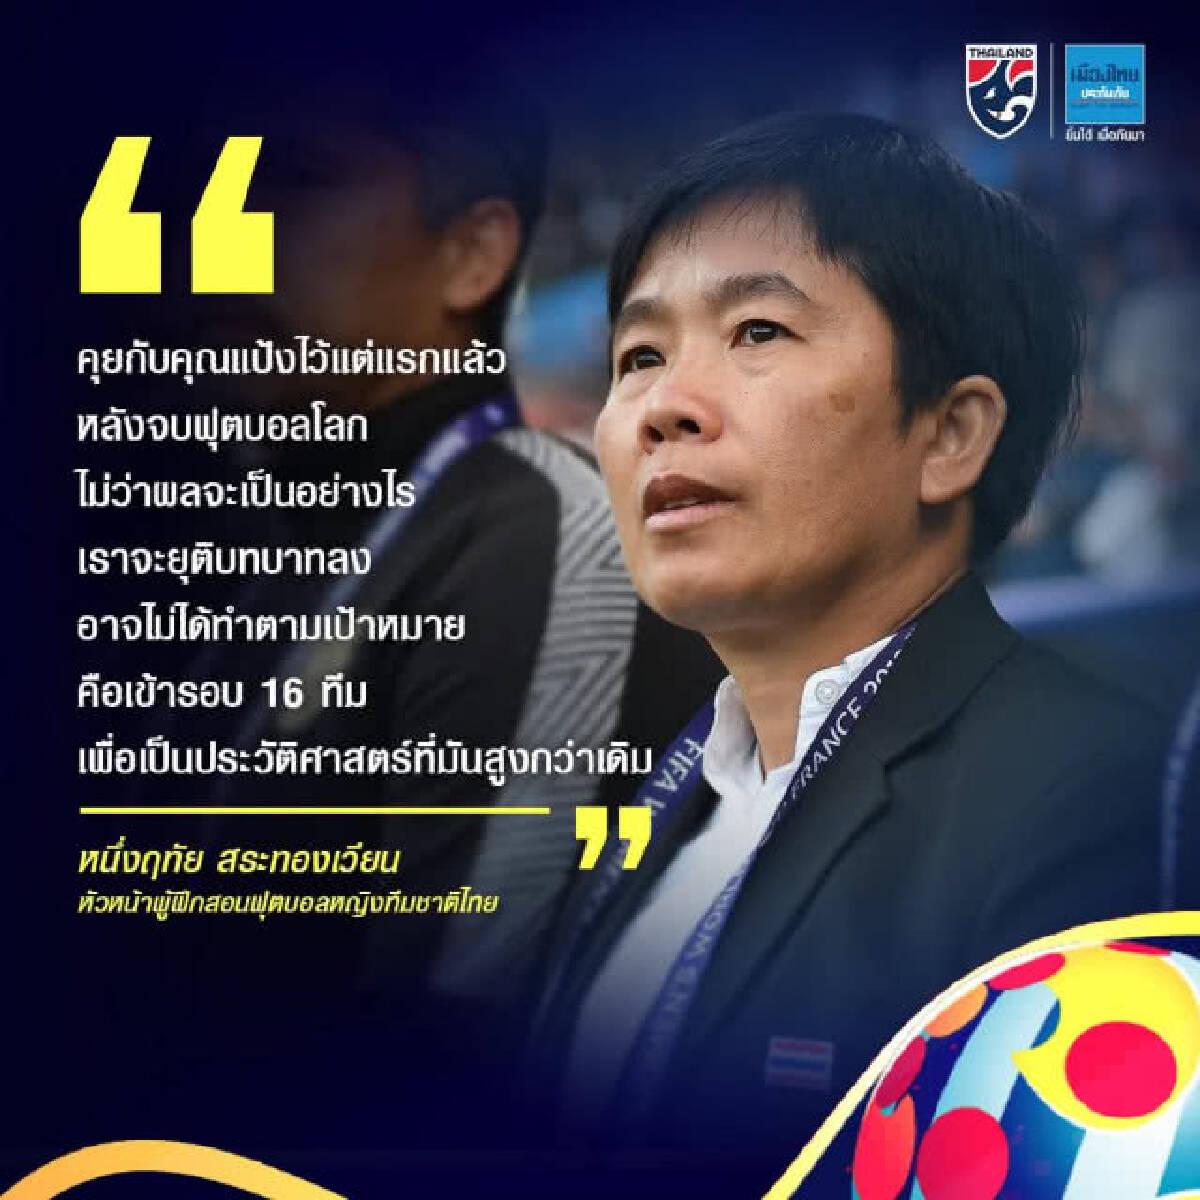 12  ปี เพื่อฟุตบอลหญิงทีมชาติไทย